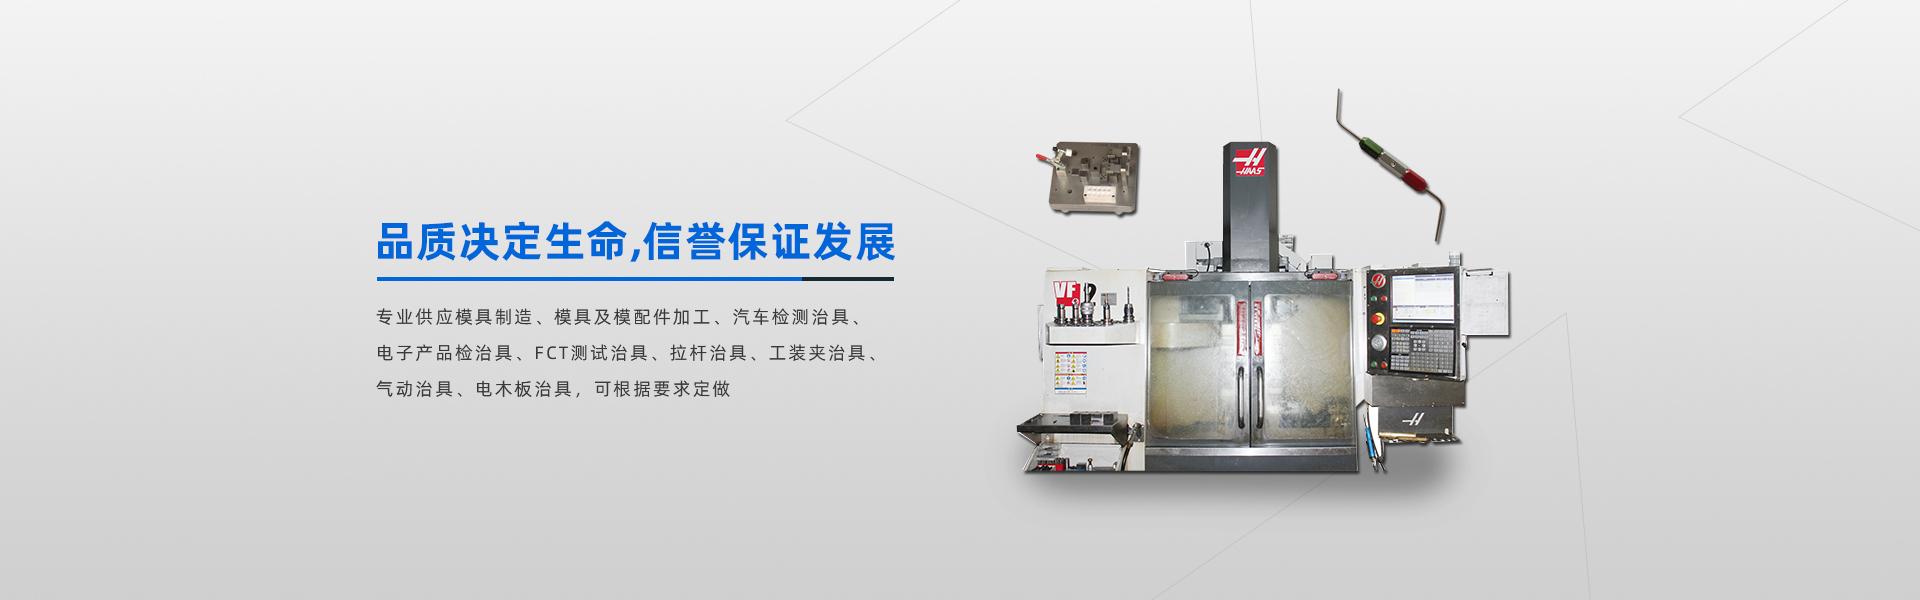 机械零配件加工